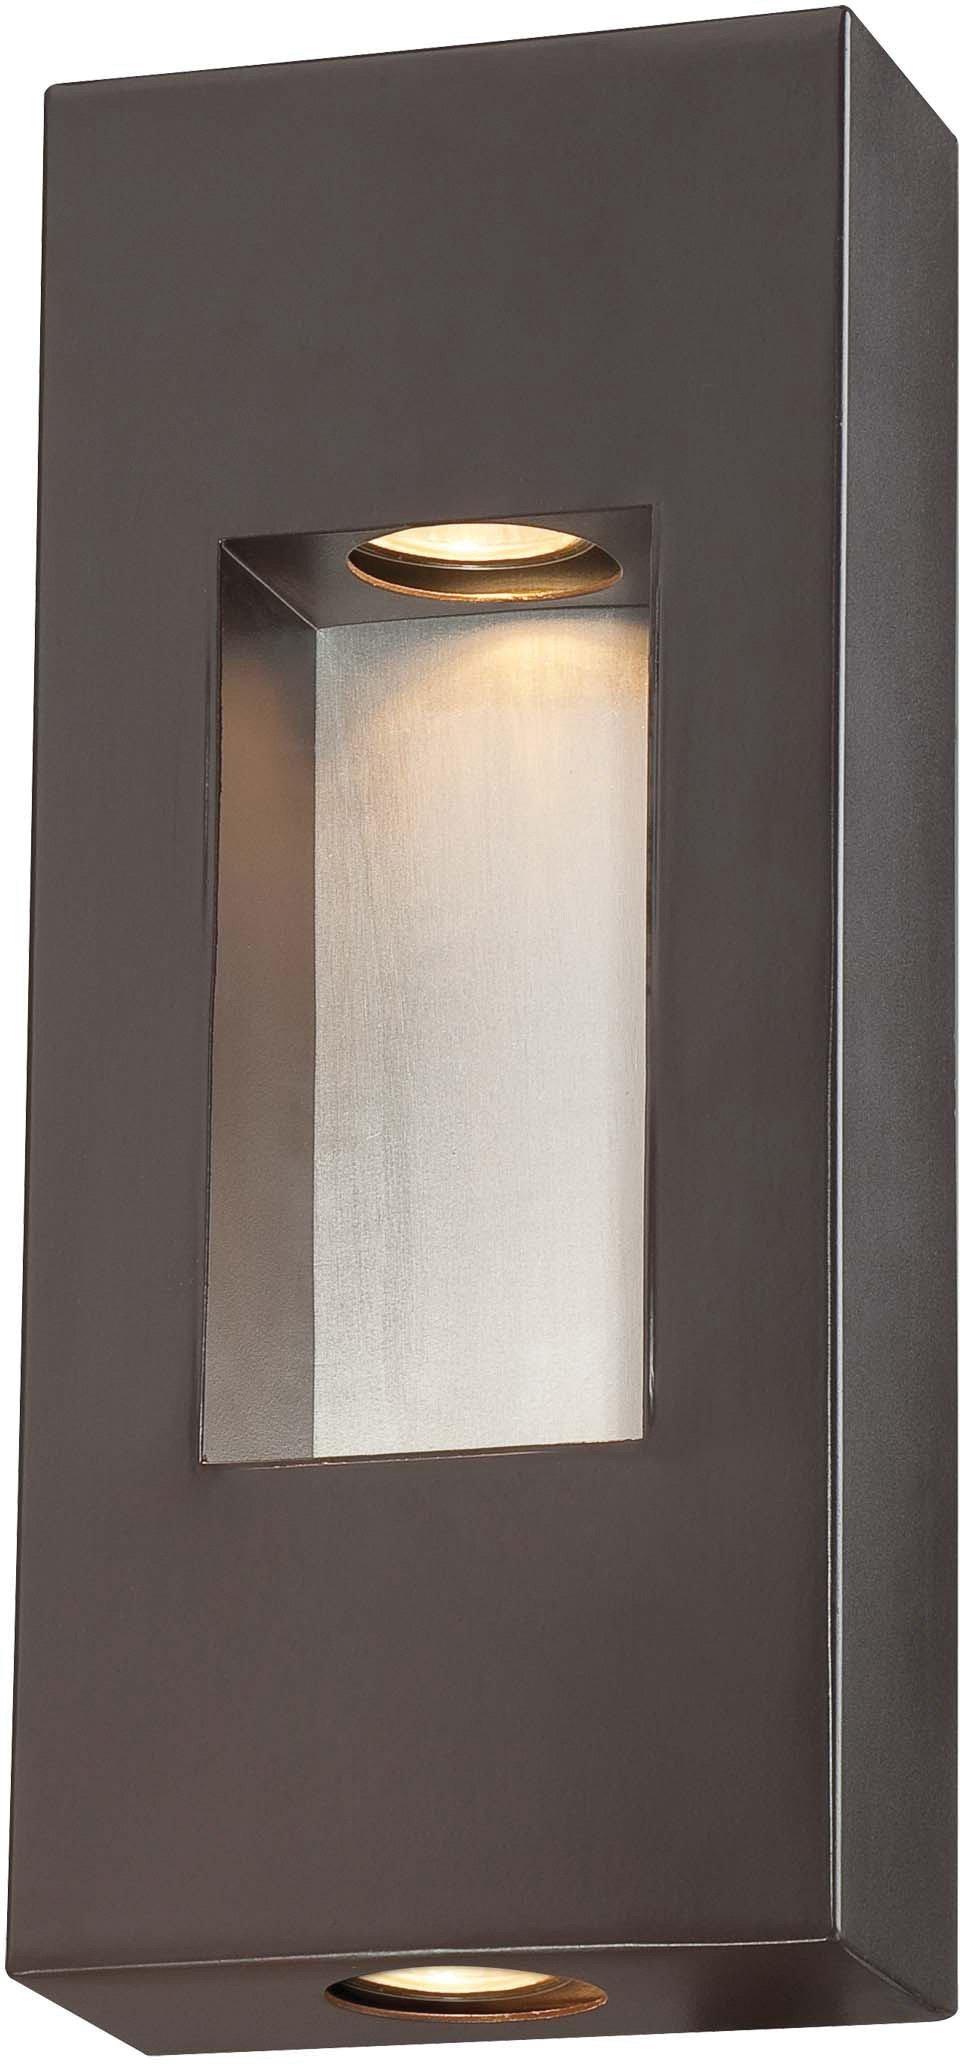 Minka Lavery Modern Outdoor Wall Light 72371-615B Geox Cast Aluminum Exterior Wall Lantern, 70w Halogen, Bronze